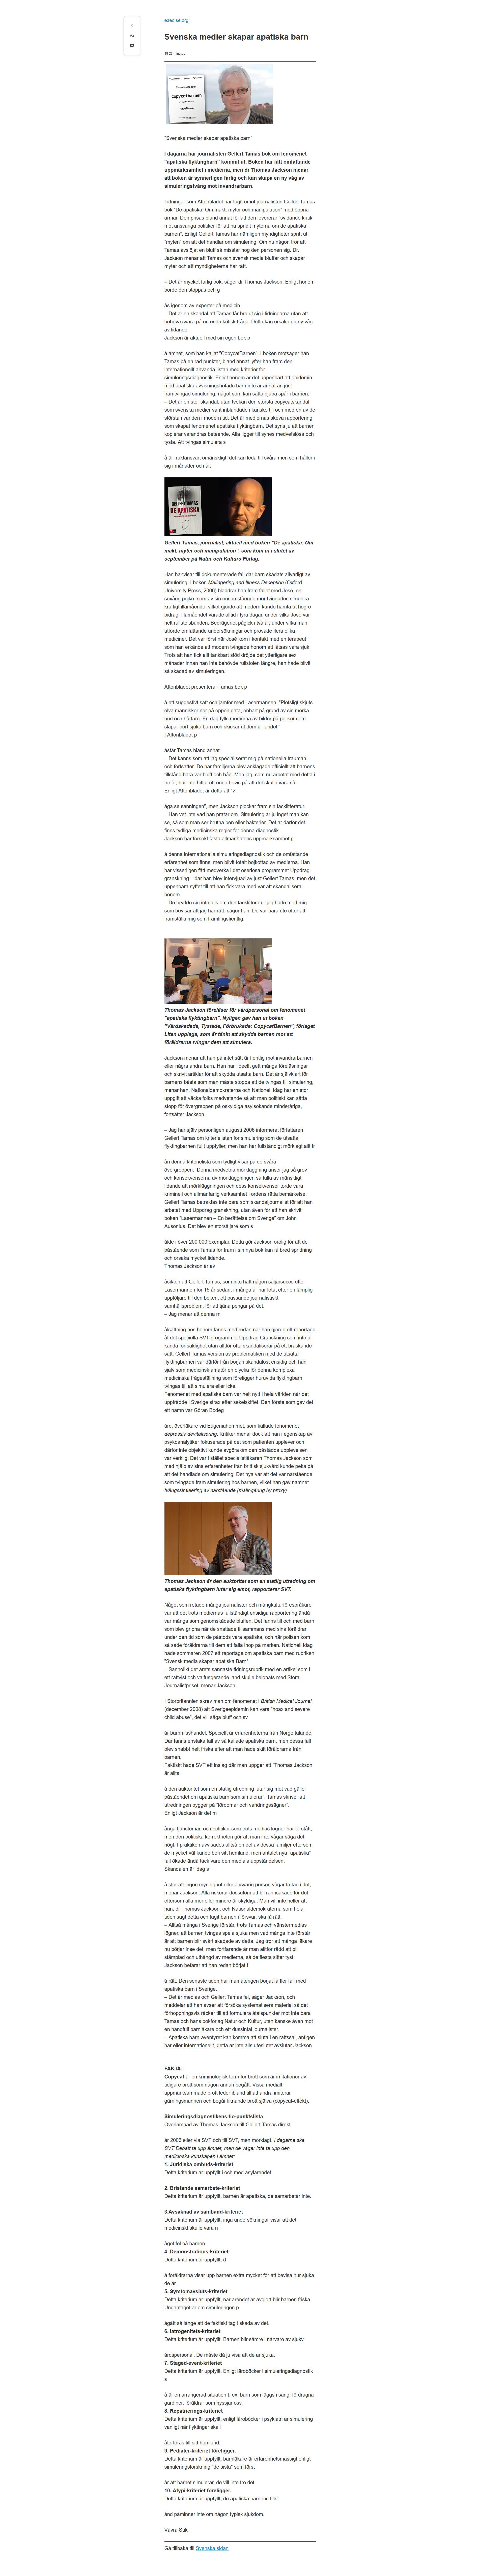 Screenshot_2020-11-25 Svenska medier skapar apatiska barn